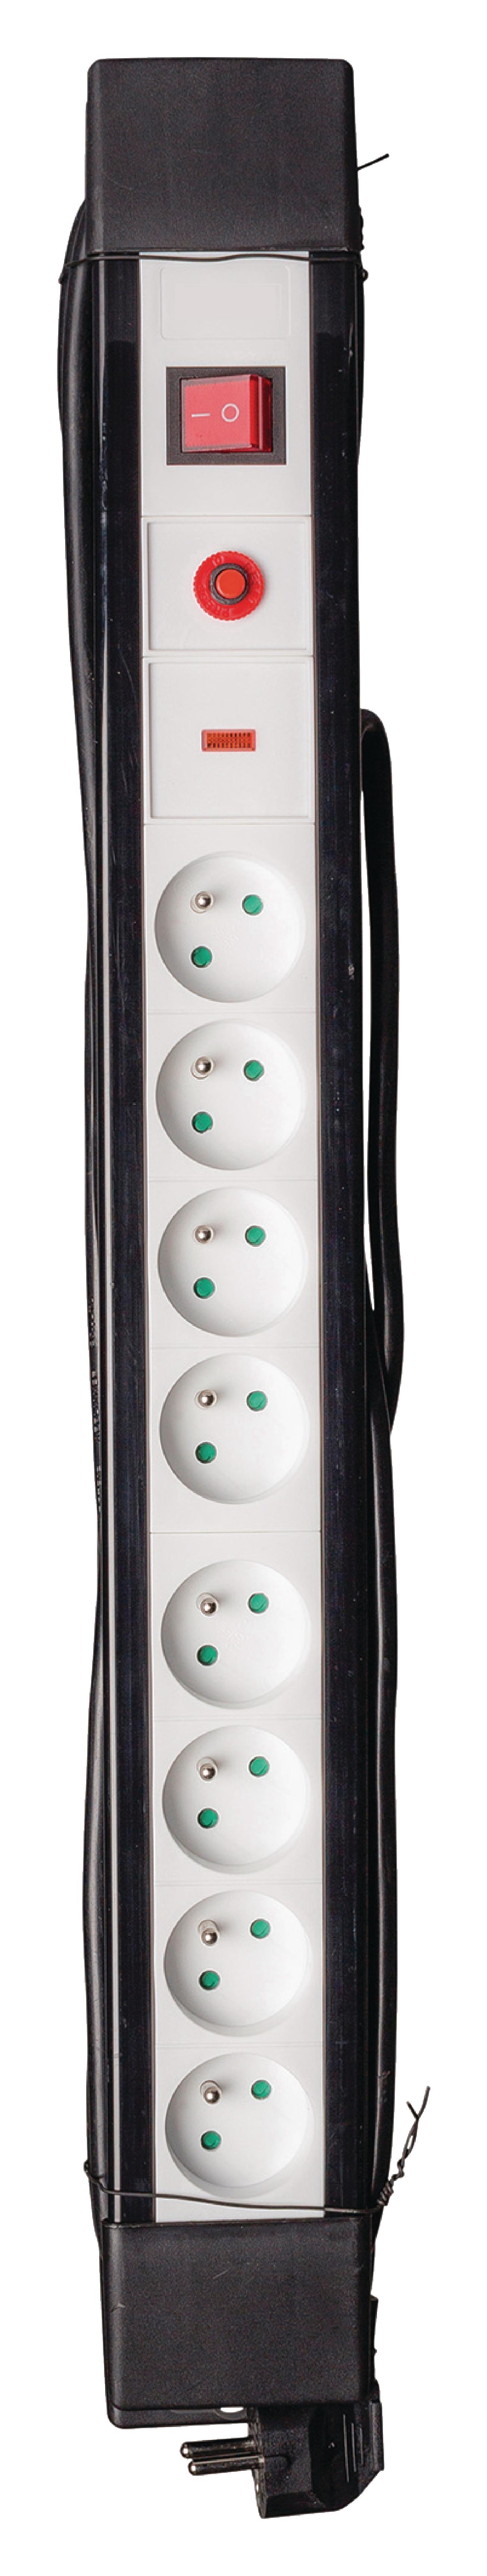 8-voudige overspanningsbeveiligde stekkerdoos met schakelaar zwart/wit met 3 meter kabel